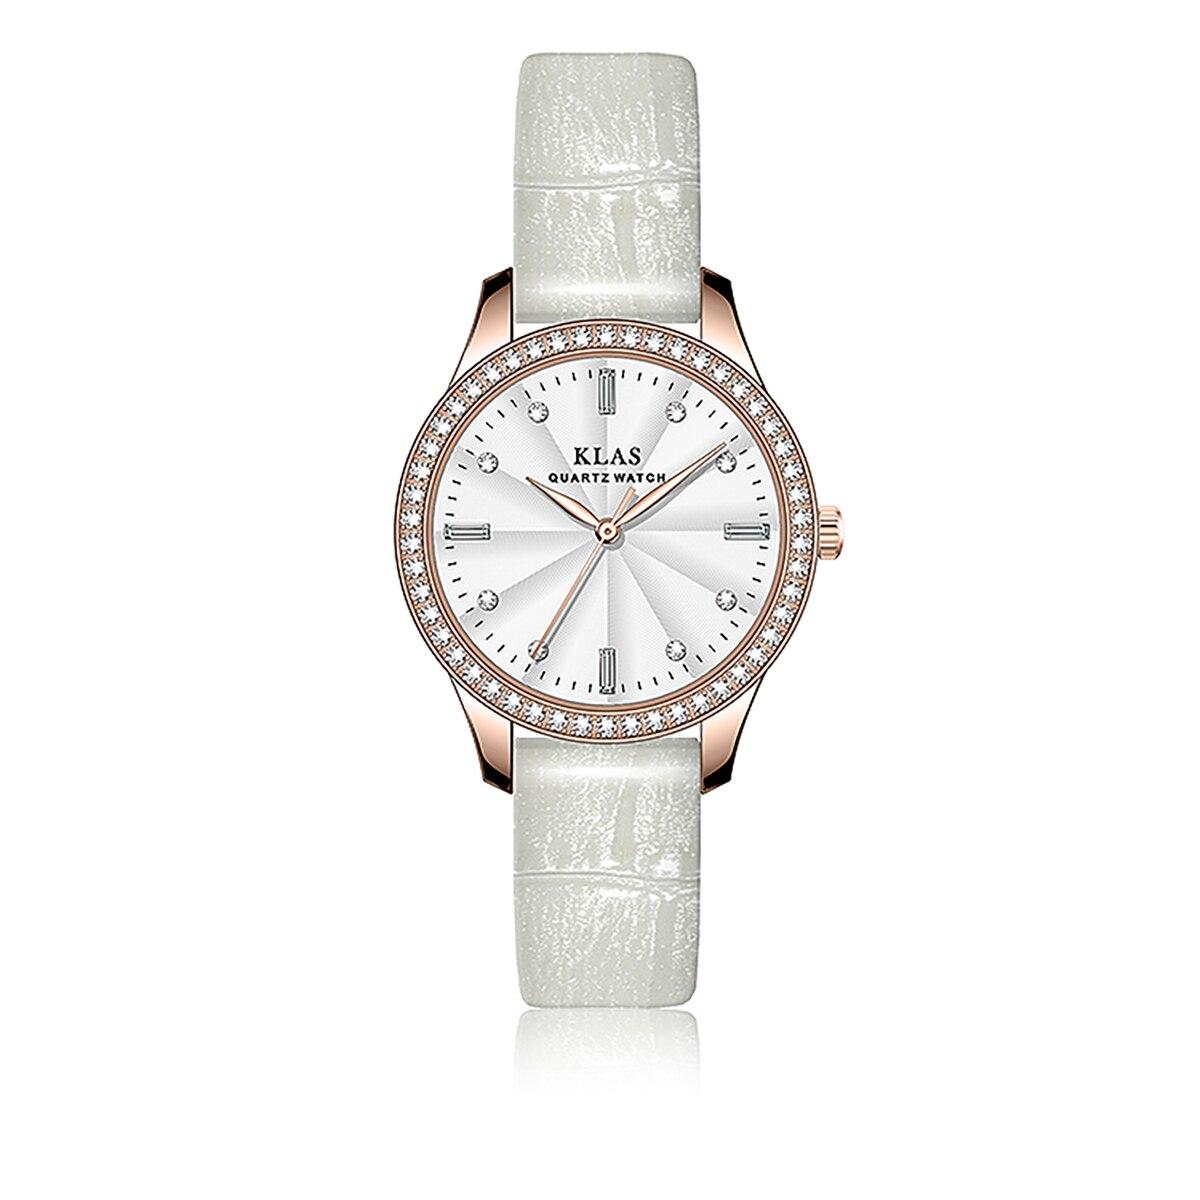 تصميم حزام صحيح 14.0*12.0 ملم مع زر ساعة كوارتز مقاوم للماء ساعة نسائية KLAS العلامة التجارية